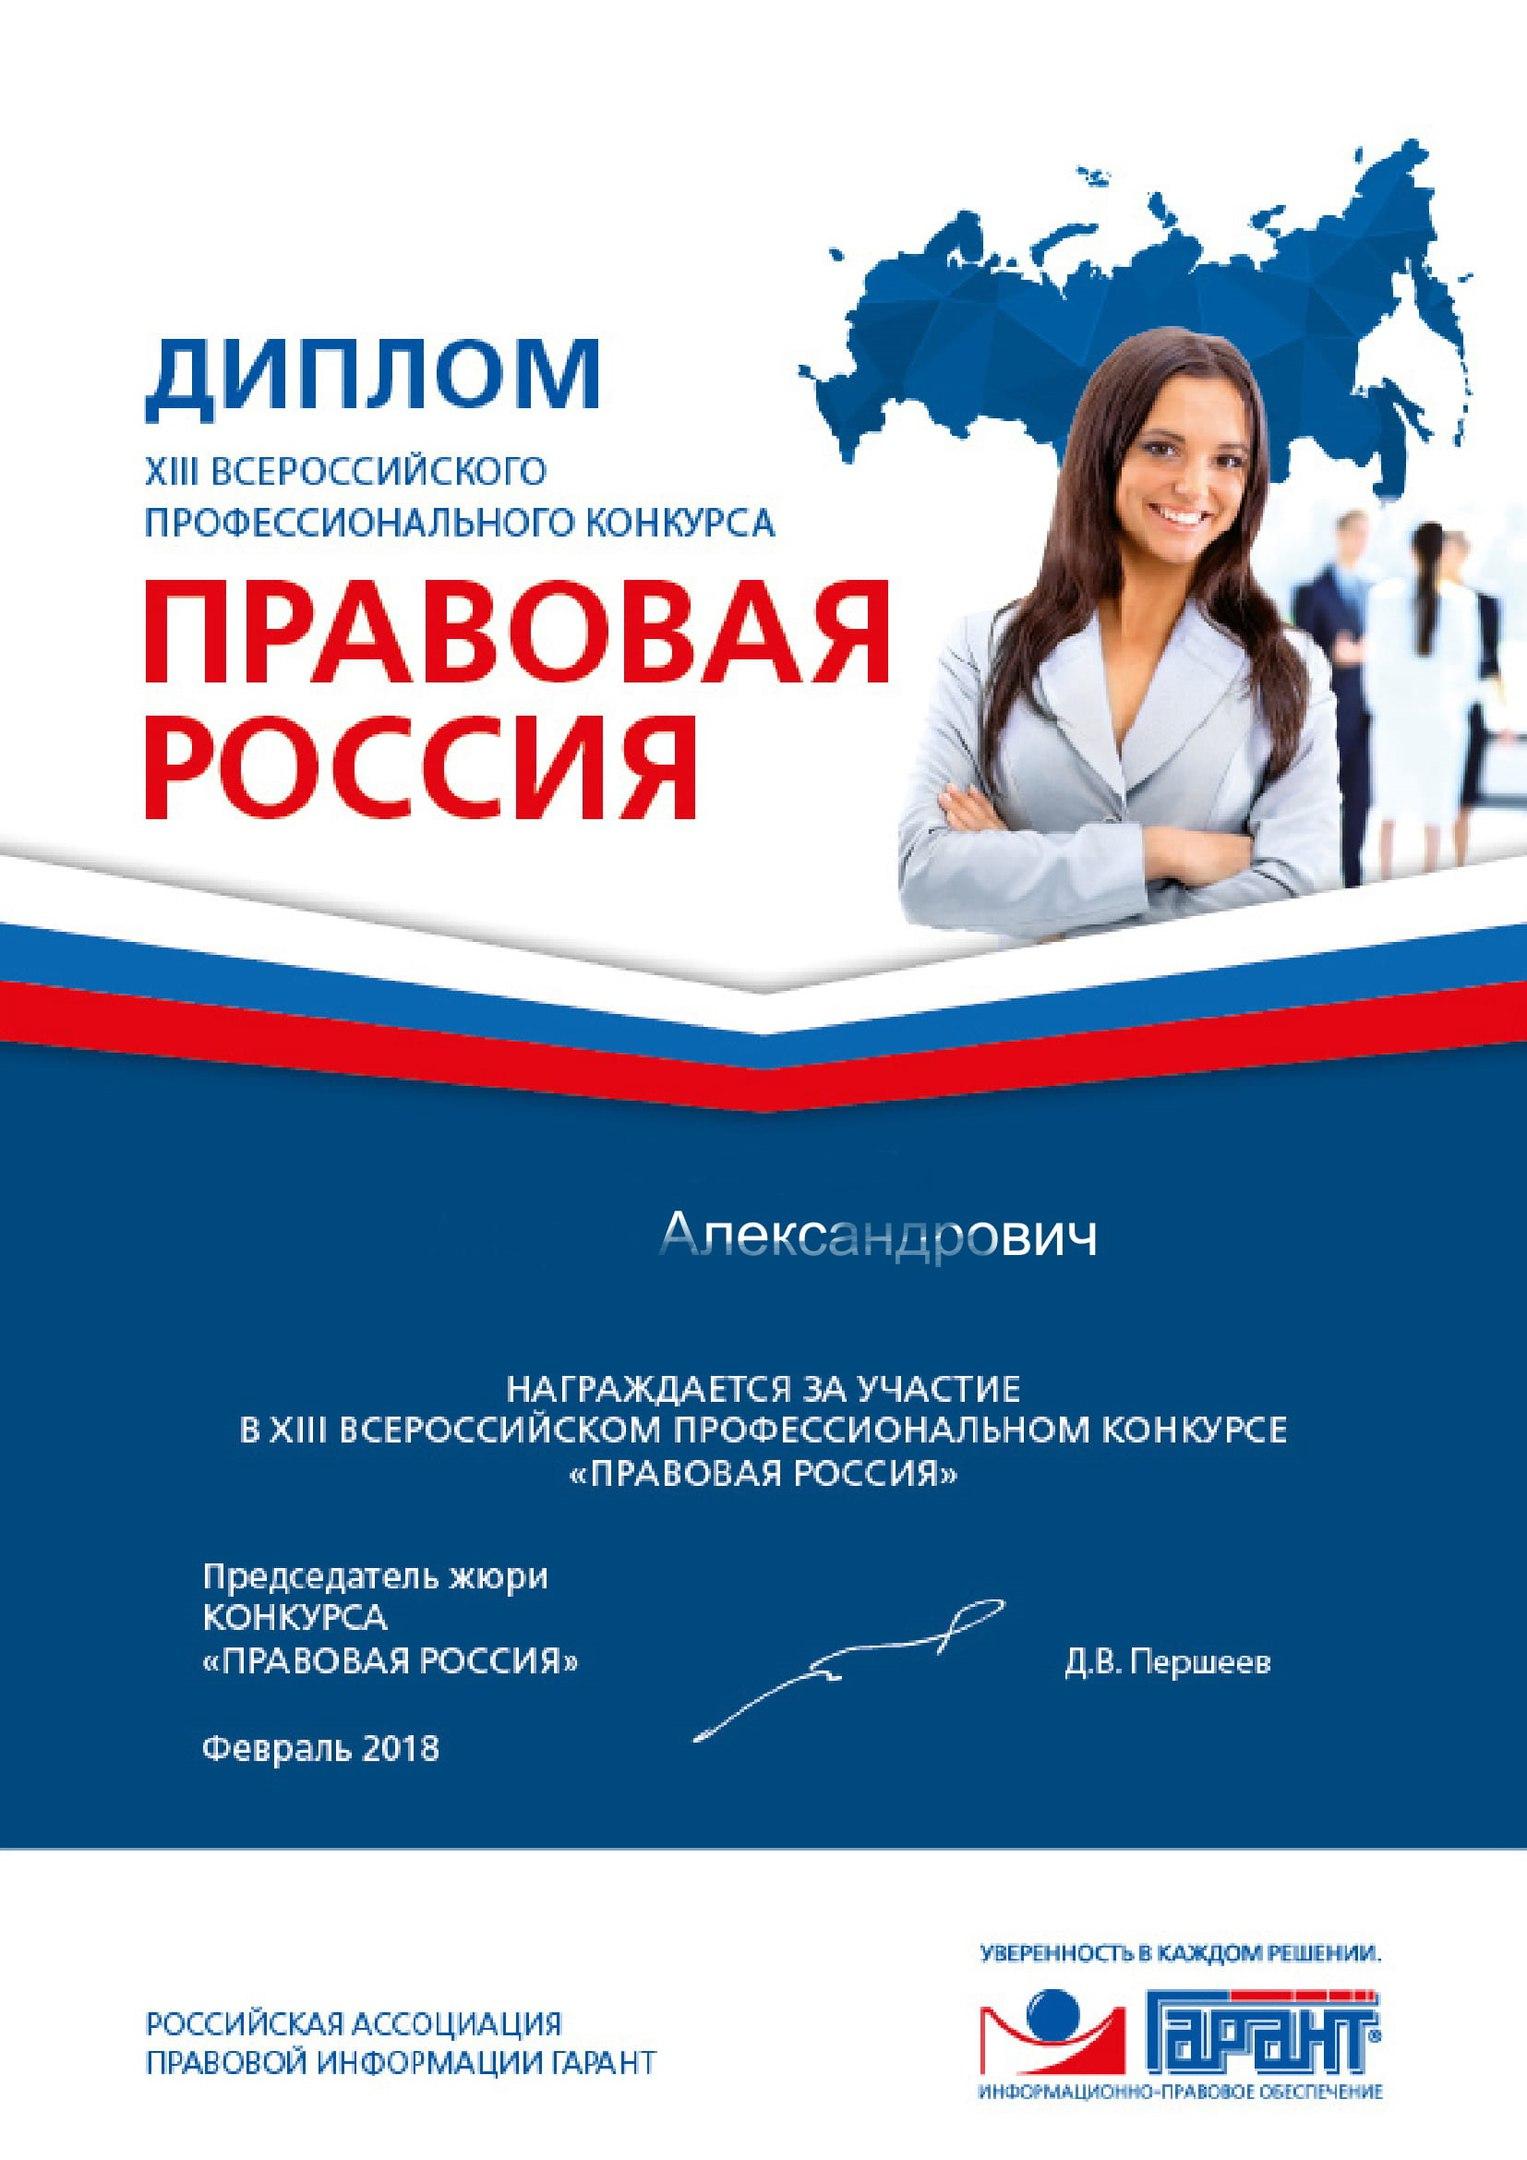 Diplom_pravorus_2018